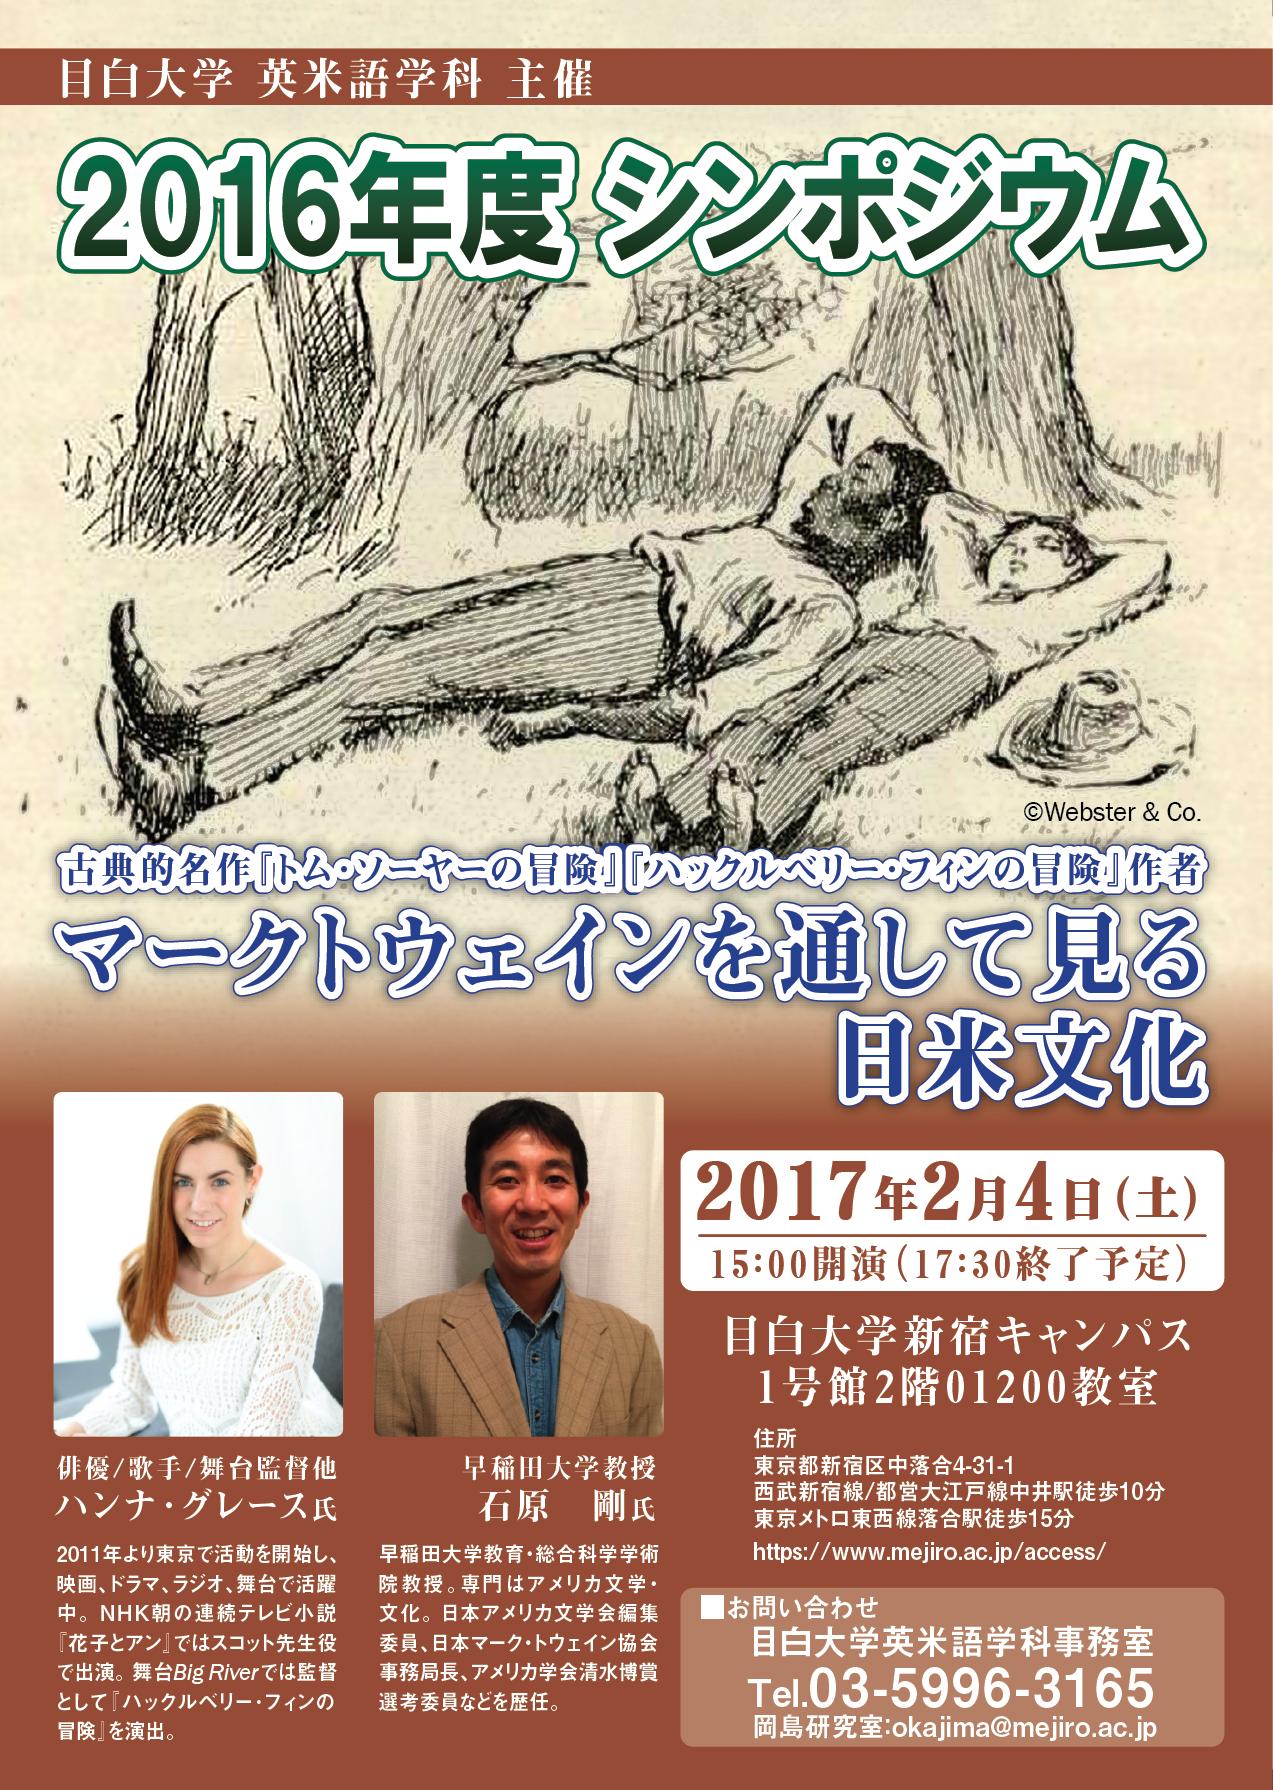 2月4日(土)、目白大学外国語学部英米語学科主催のシンポジウム「マーク・トウェインを通して見る日米文化」を開催